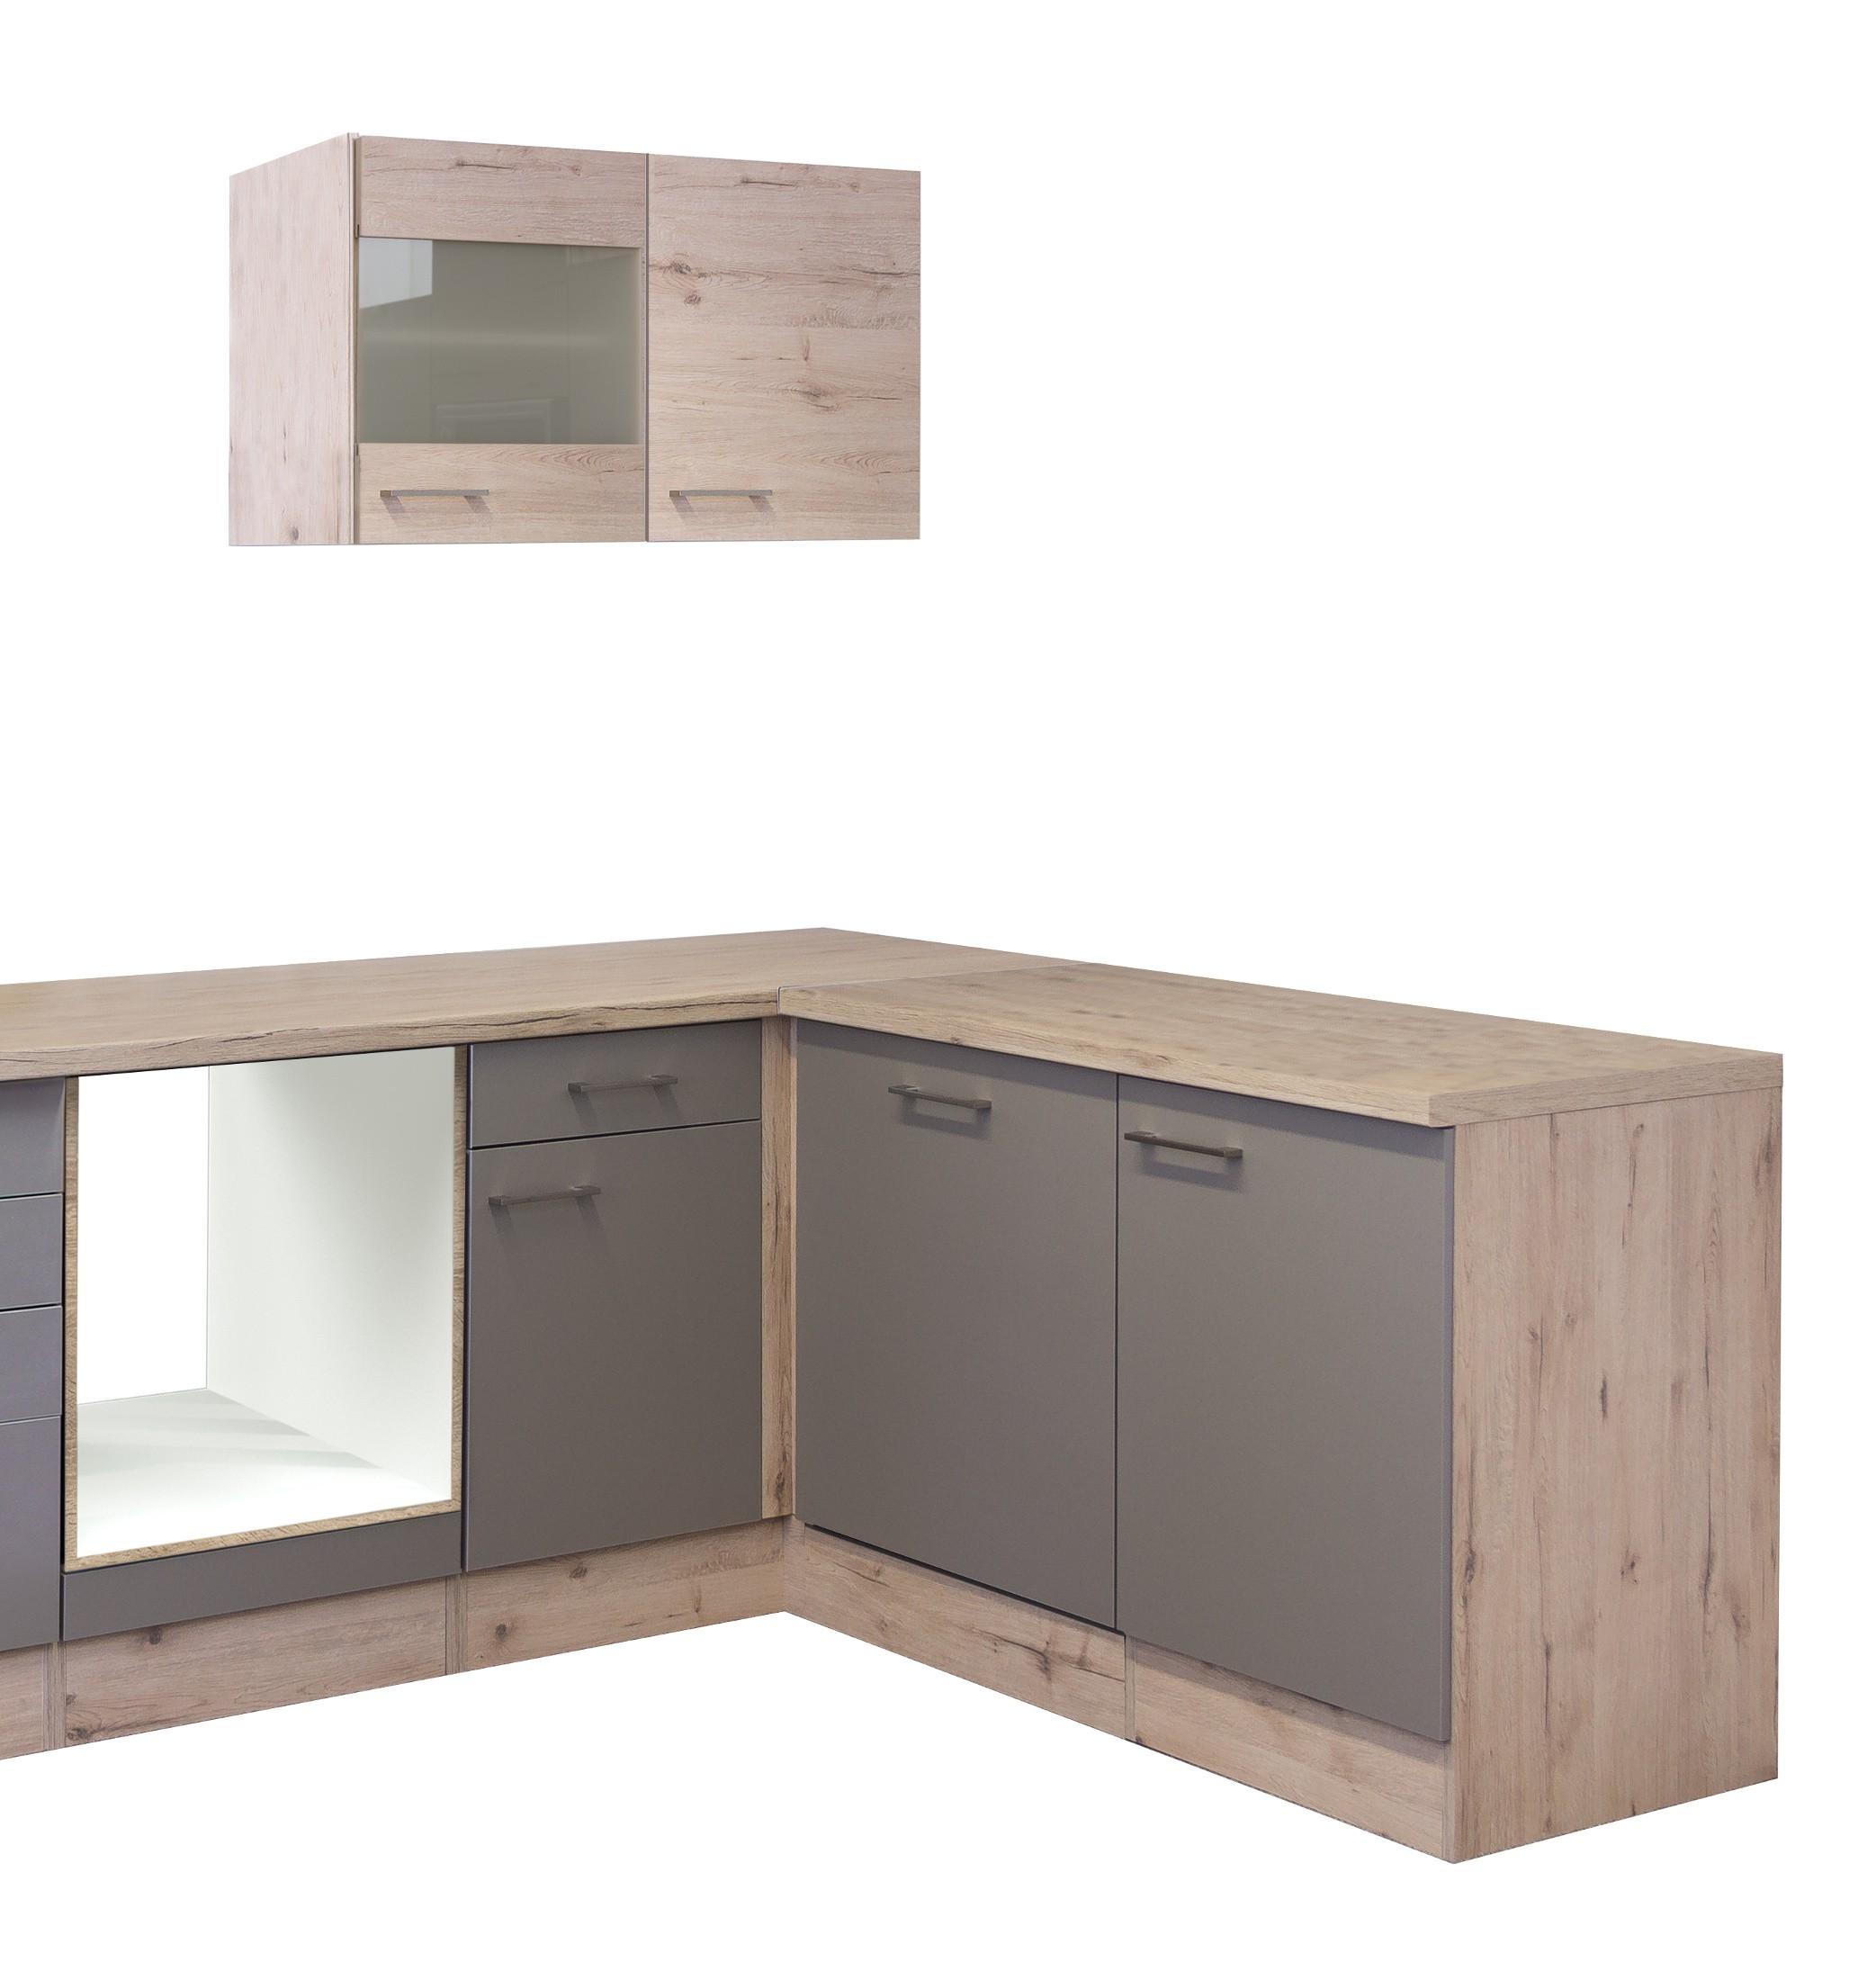 eckk che g nstig. Black Bedroom Furniture Sets. Home Design Ideas